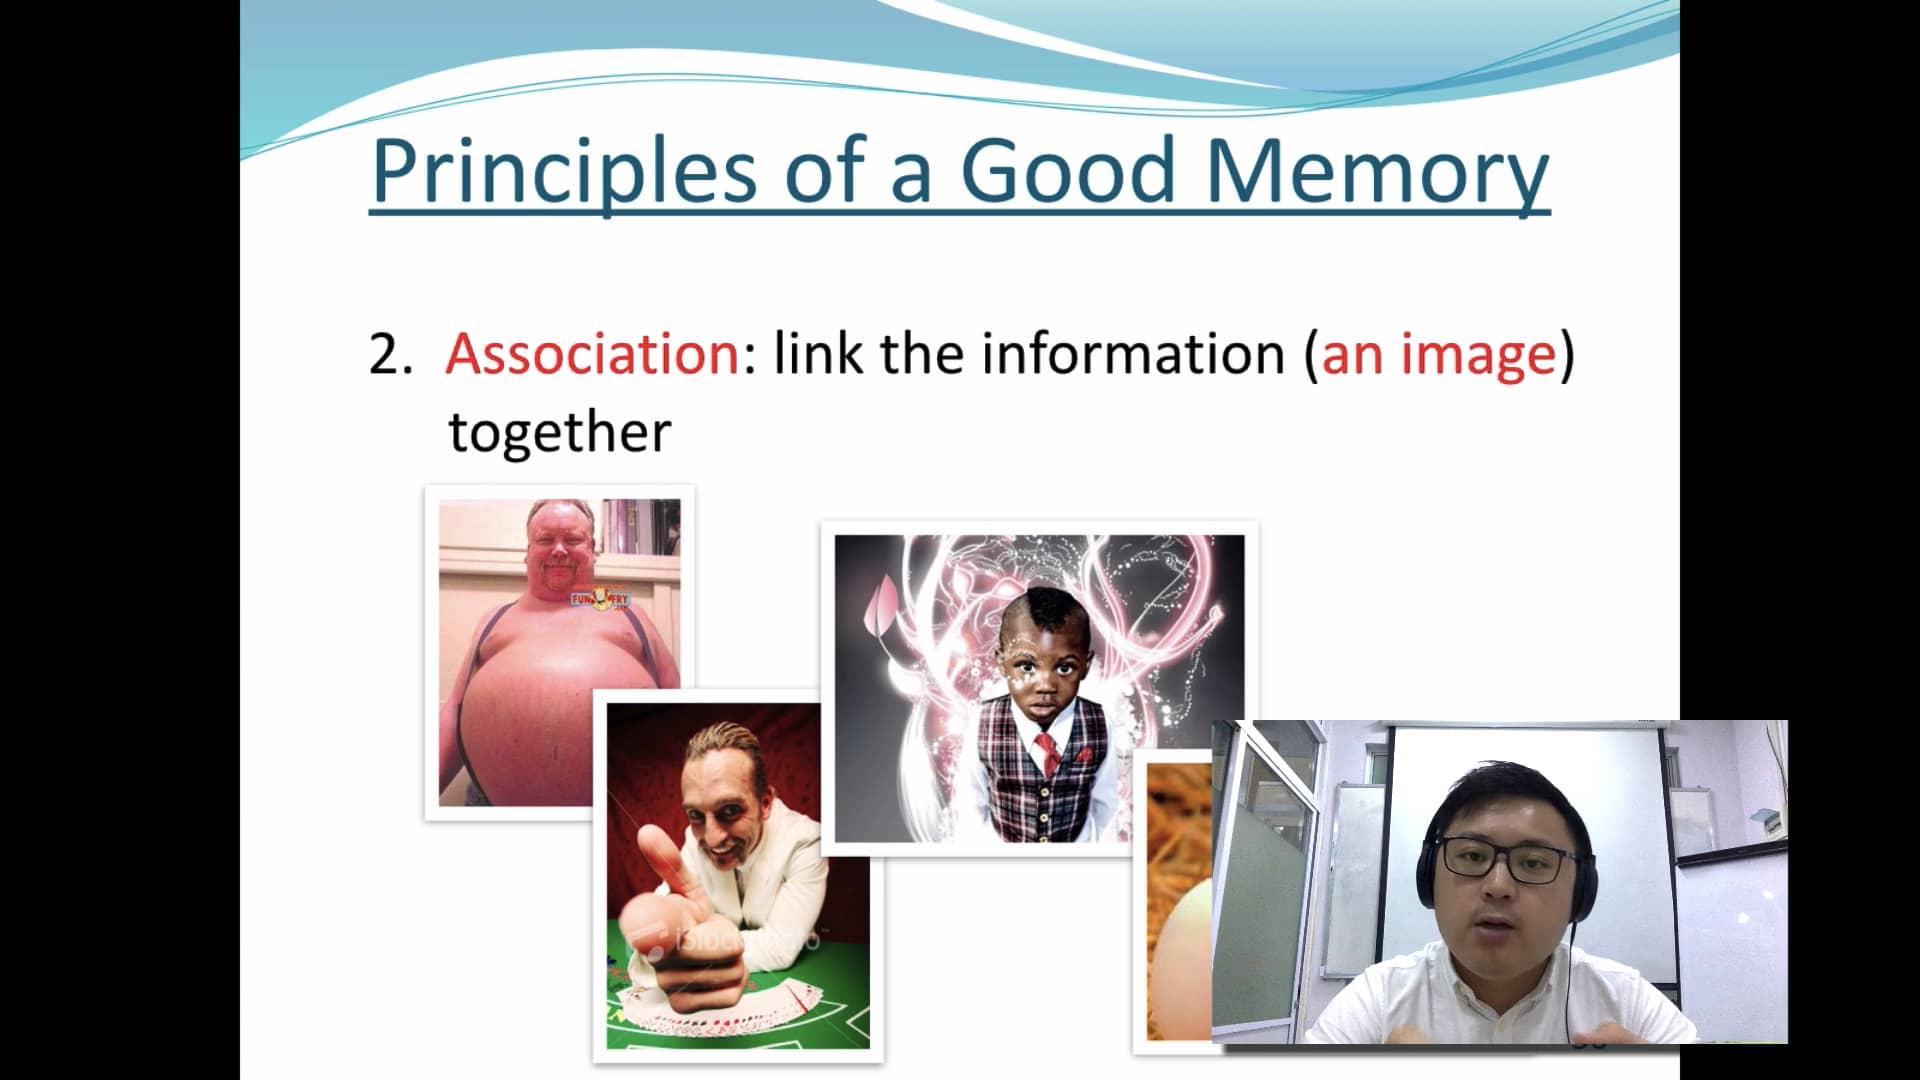 5. Secrets to memory training (Association)